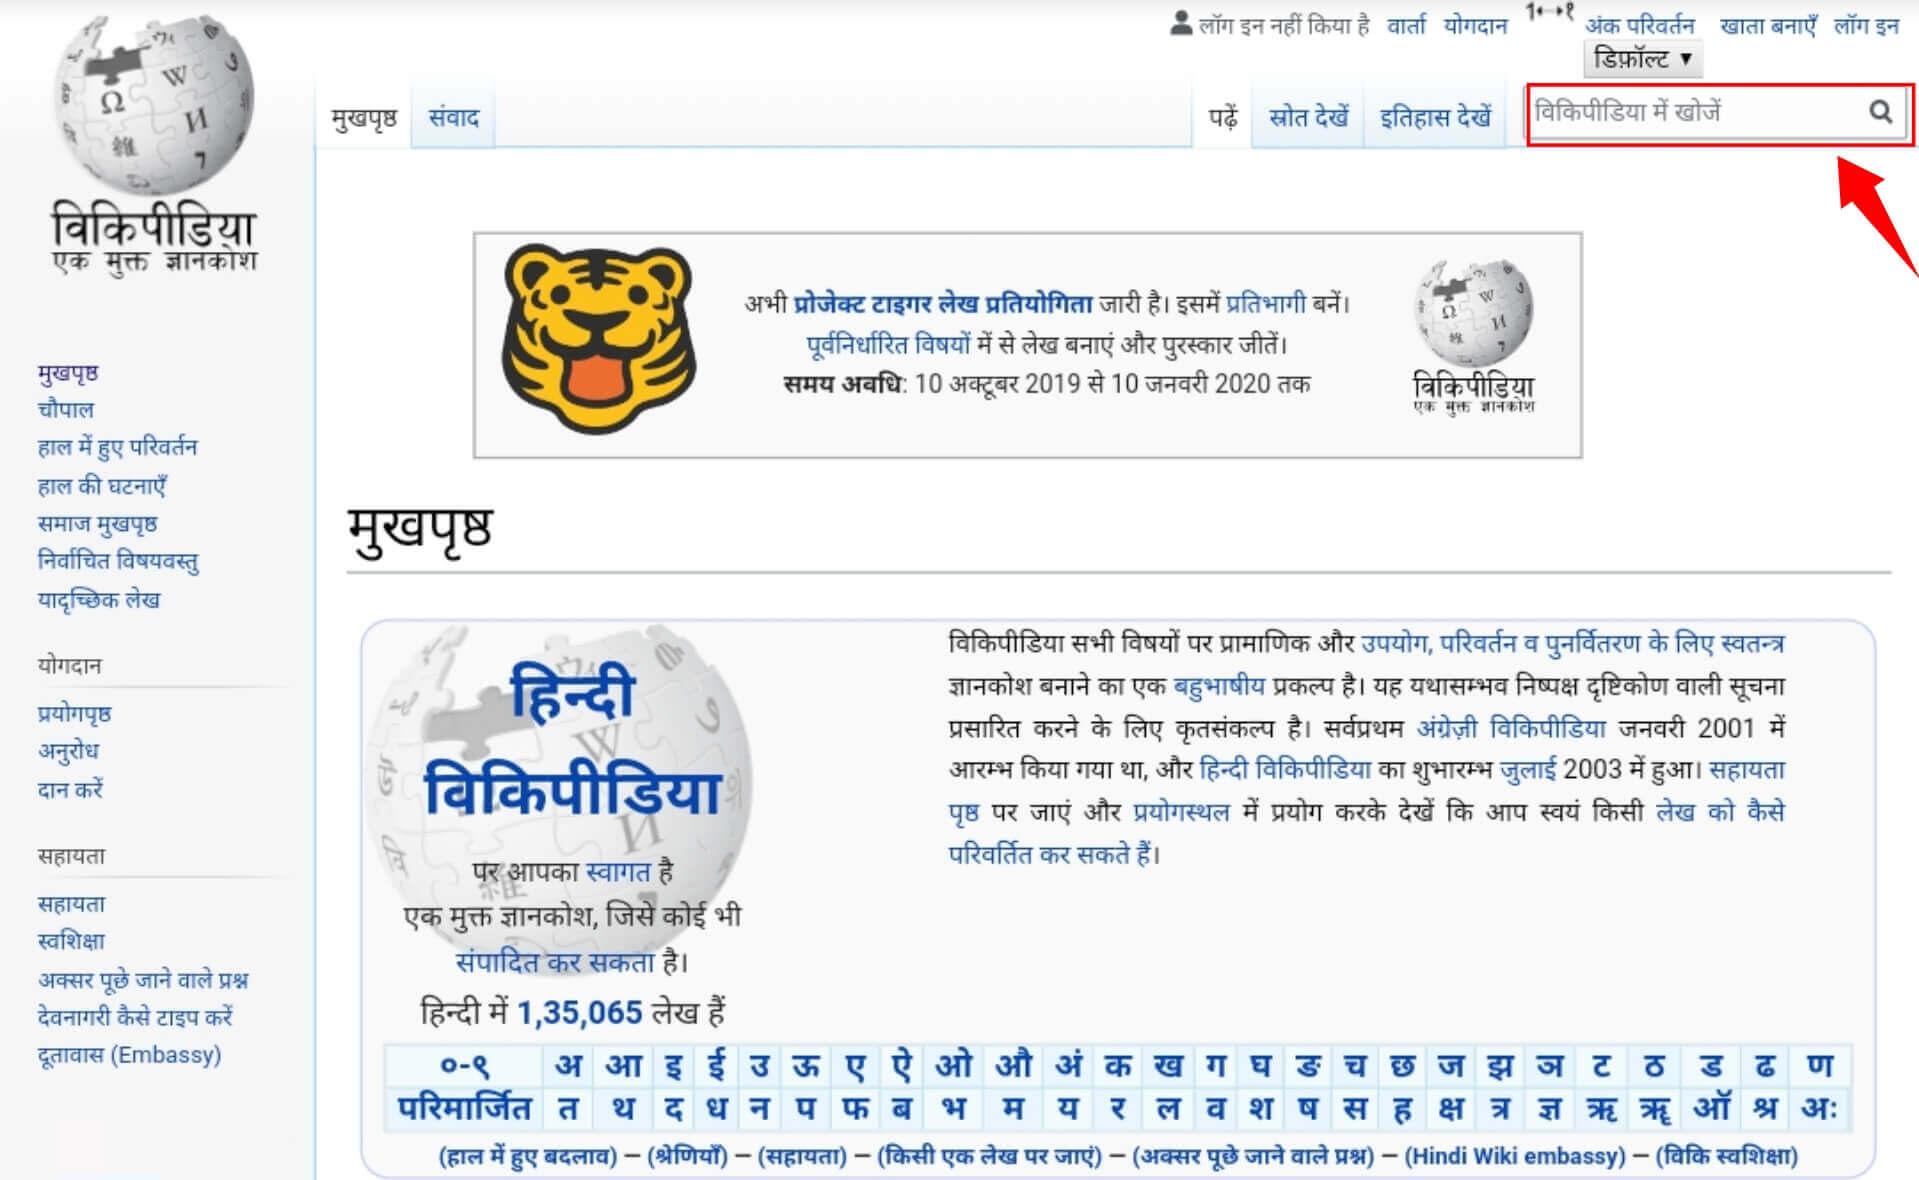 विकिपीडिया में खोजे